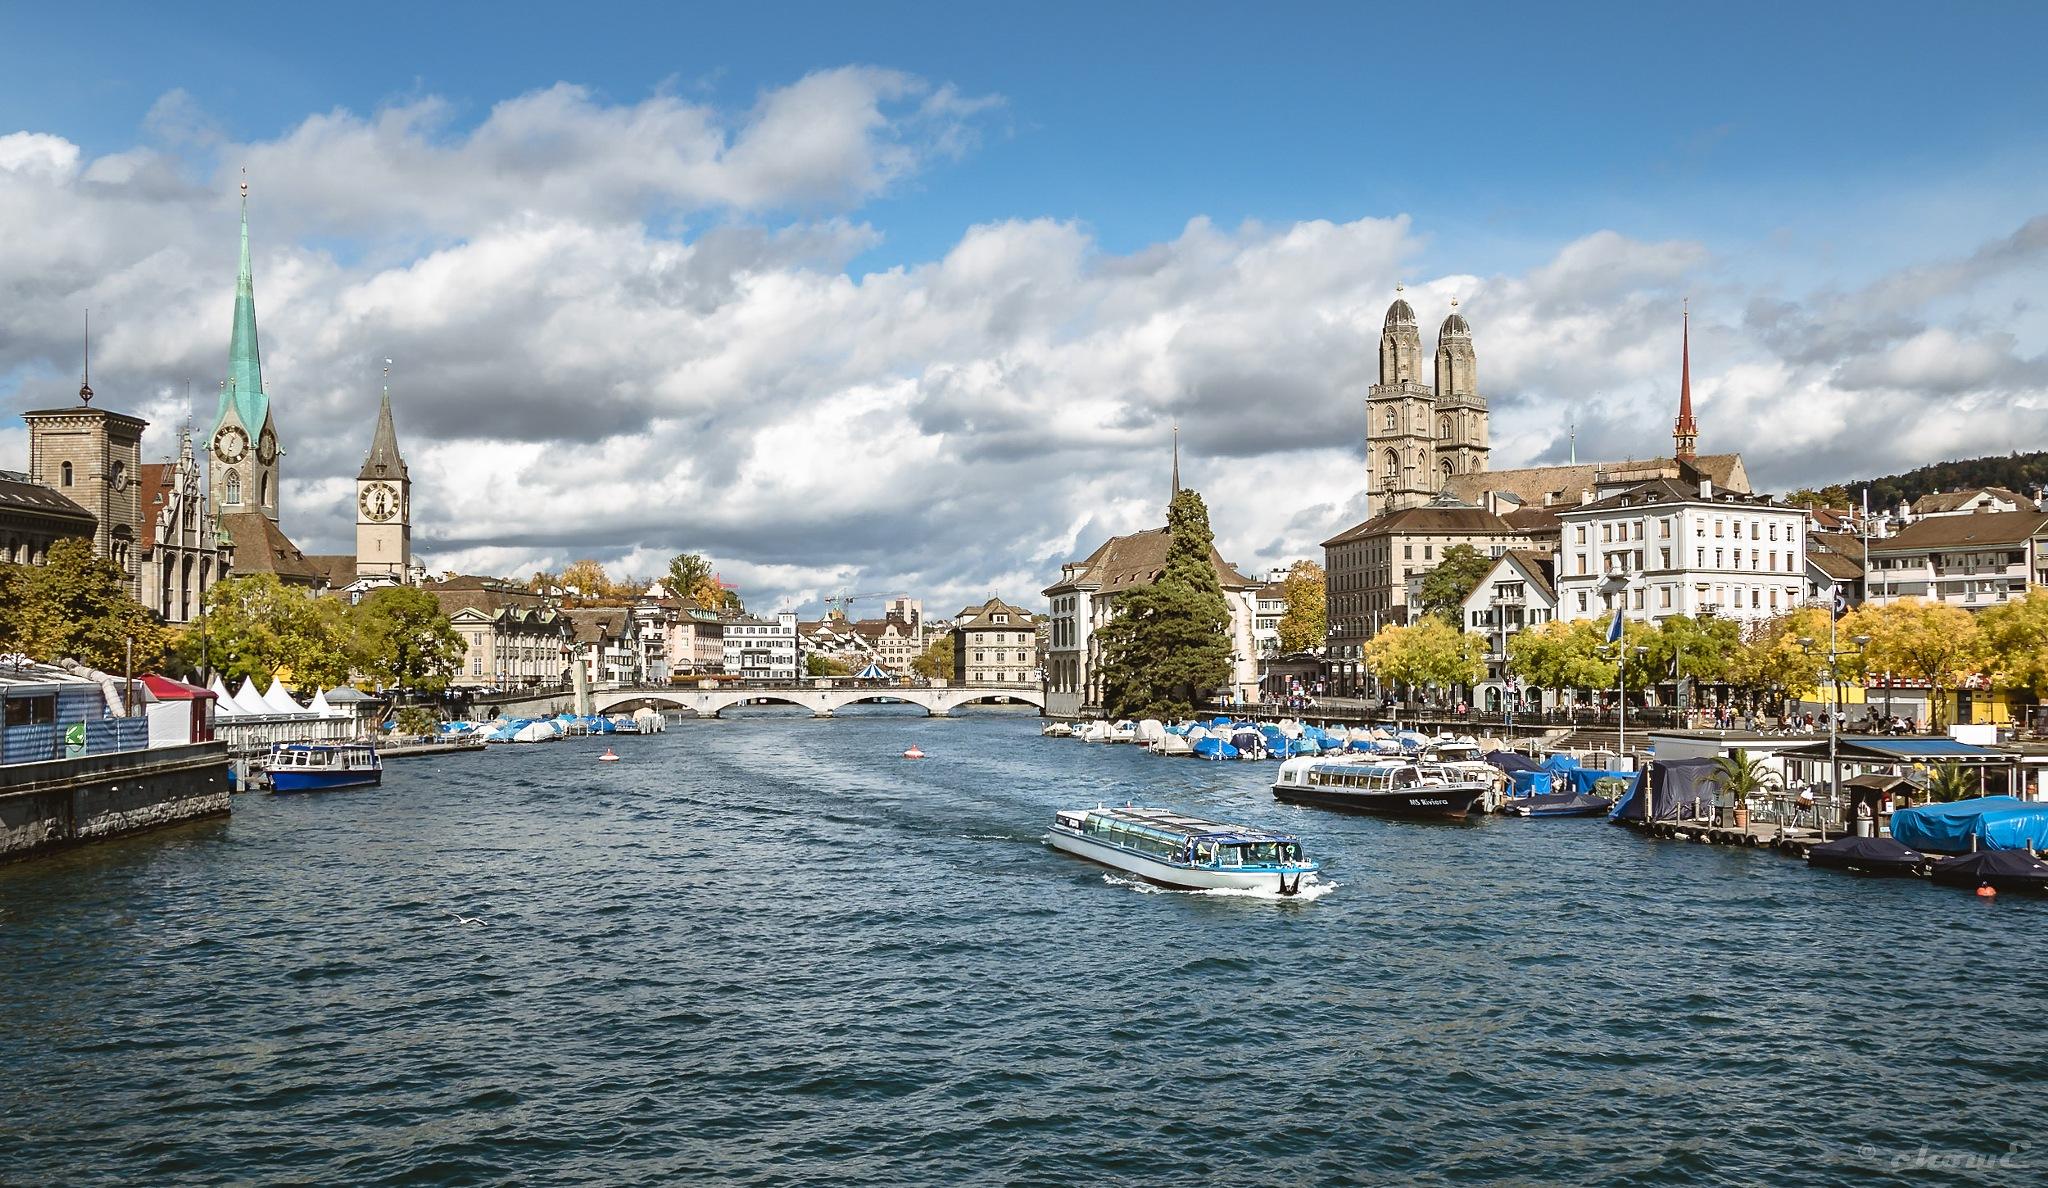 Zurich#1 - River Limmat by chowE